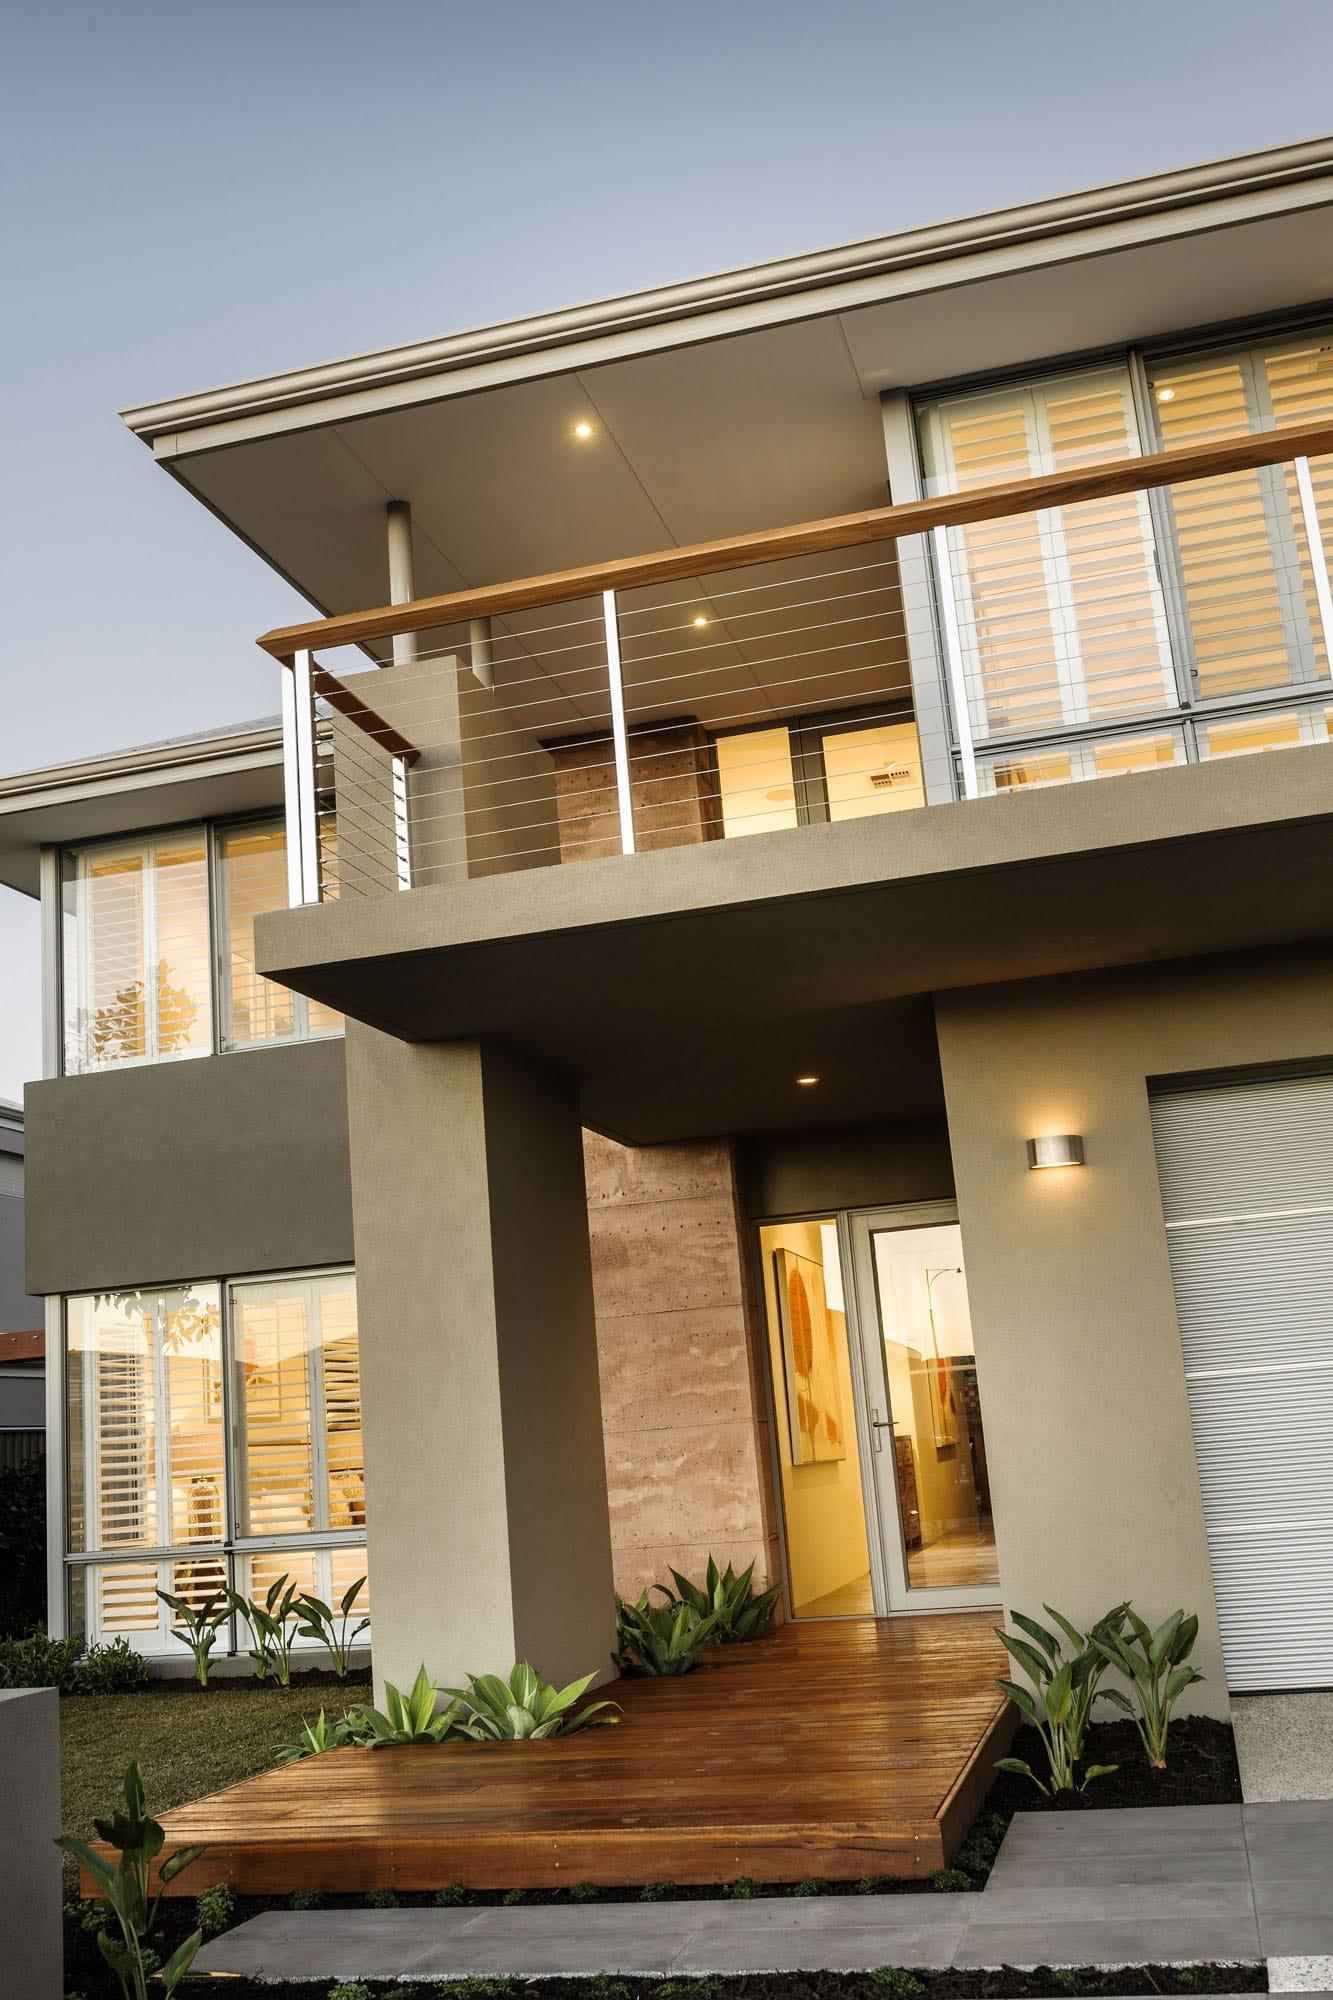 Dise o de casa moderna de dos pisos fachada e interiores for Fachada de casas modernas con balcon